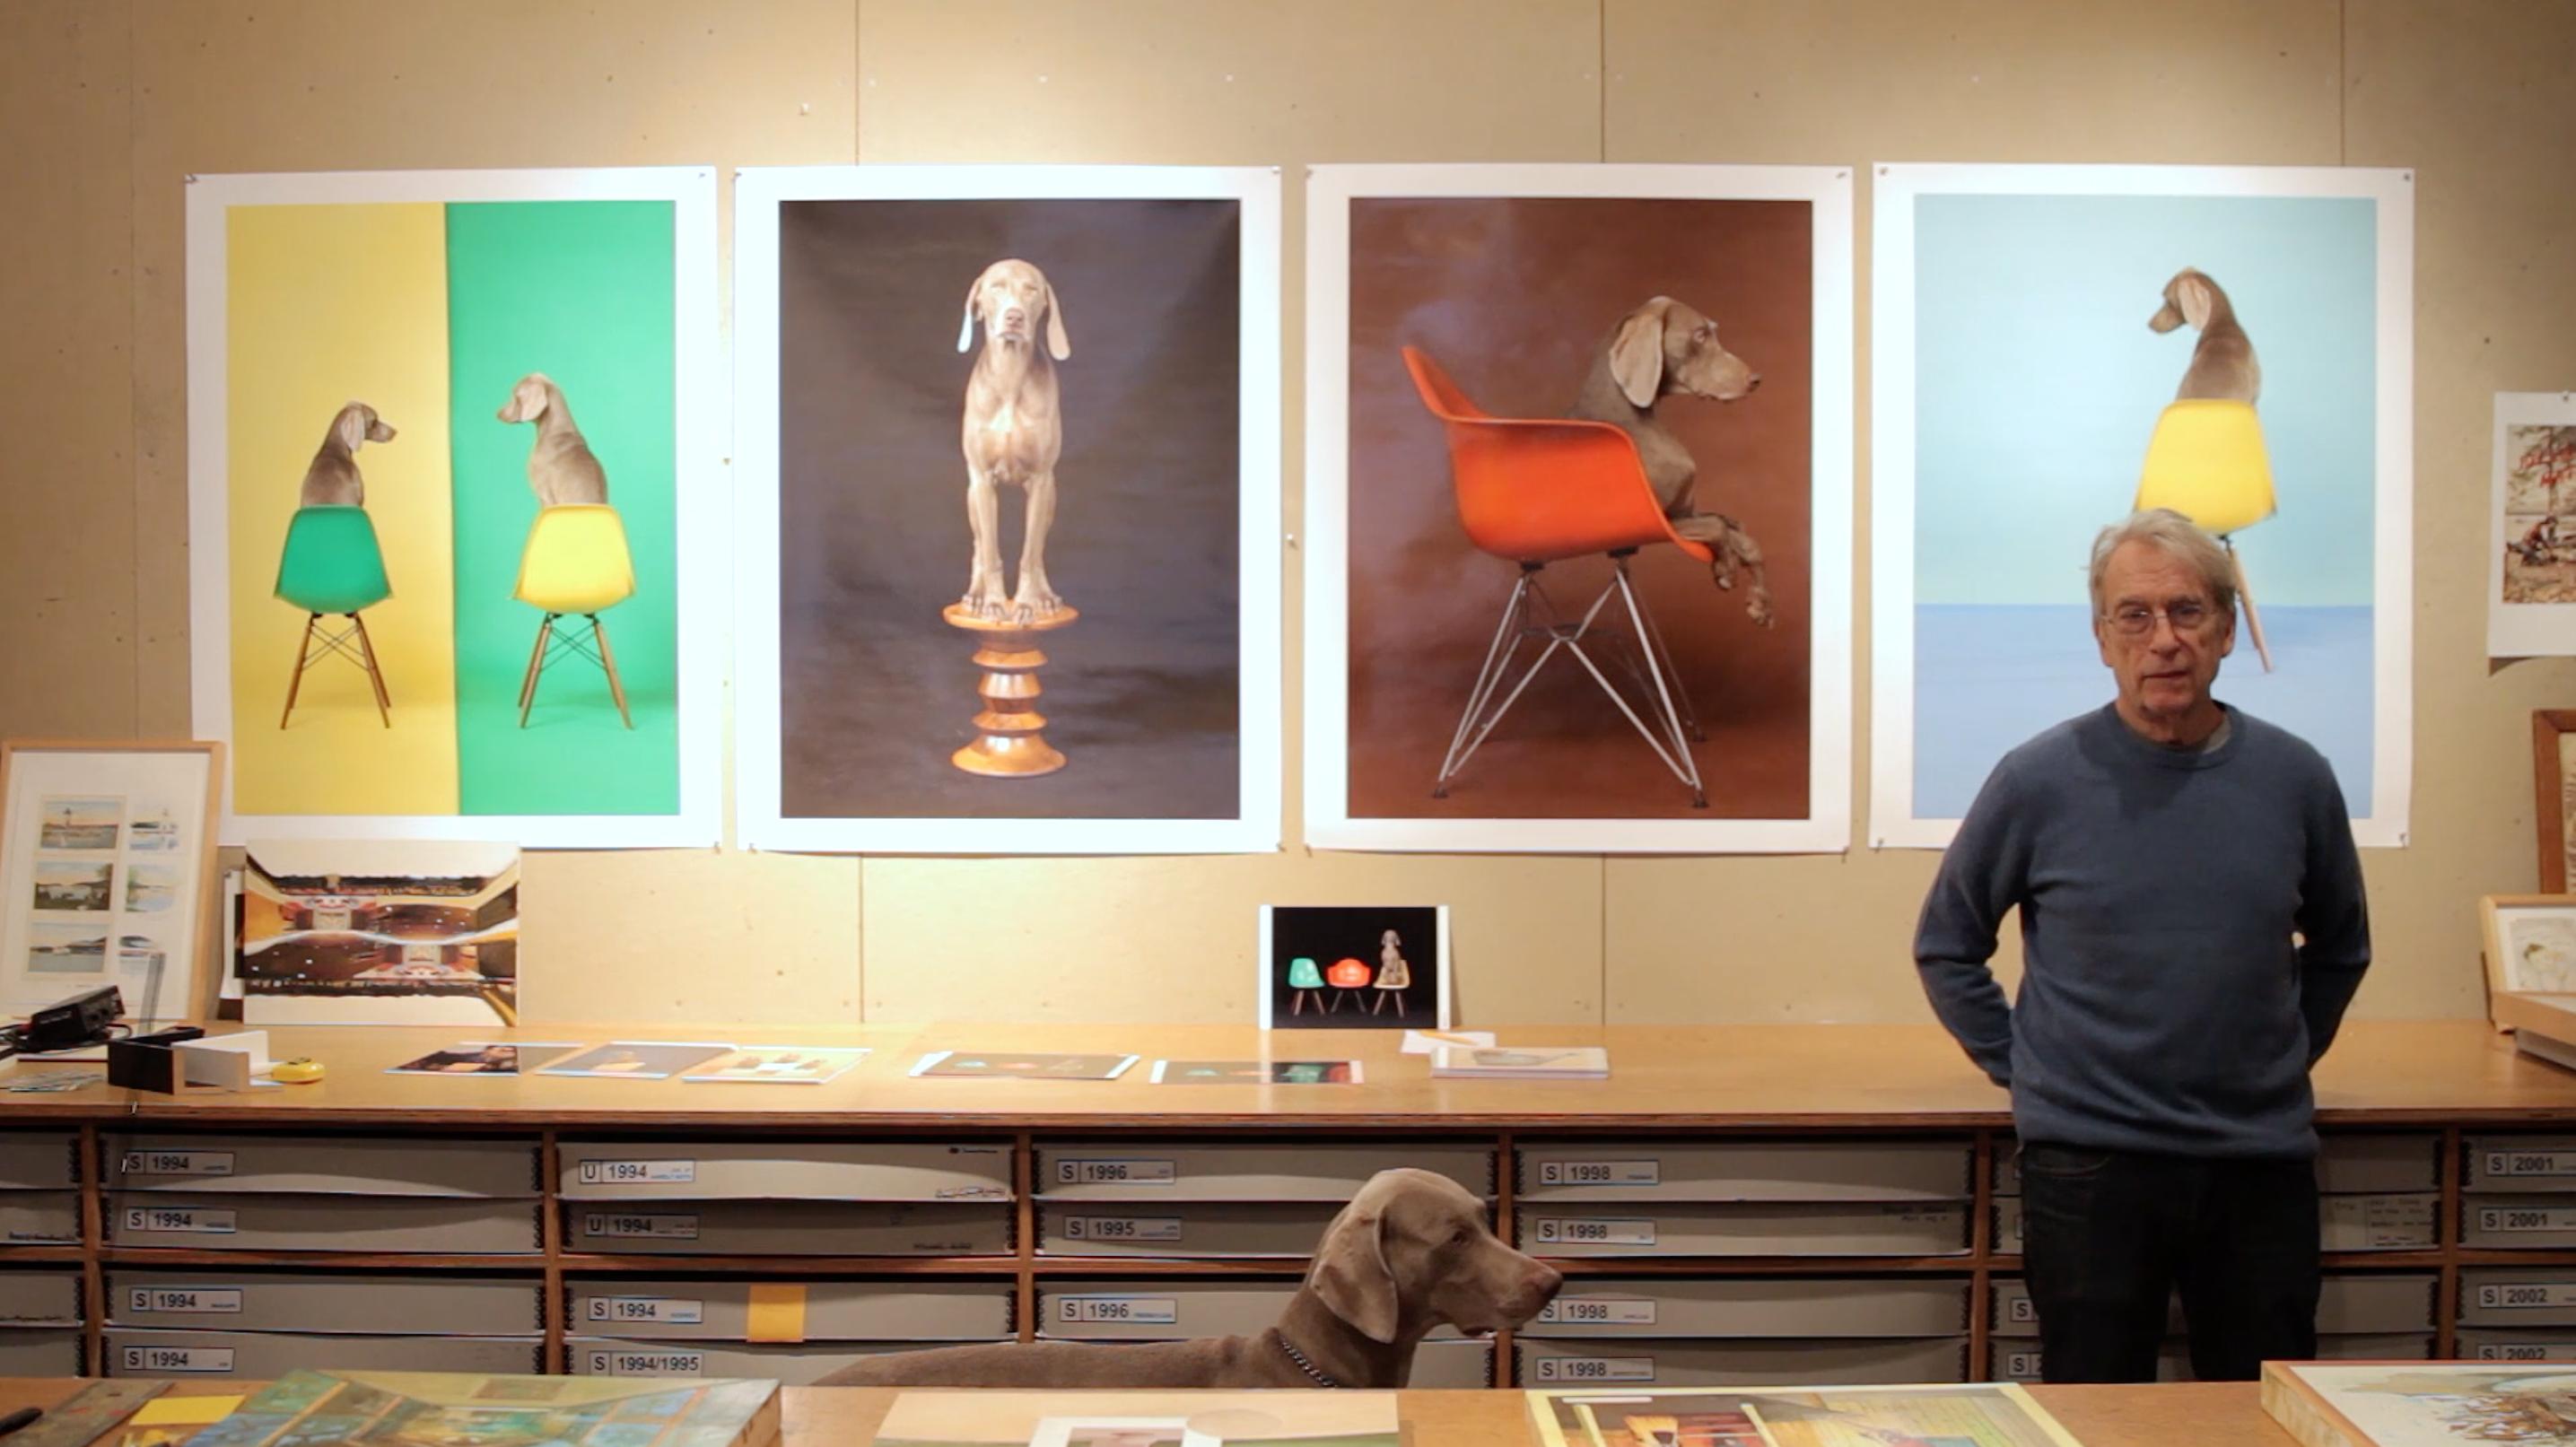 RXART – WORKING WITH ARTIST WILLIAM WEGMAN